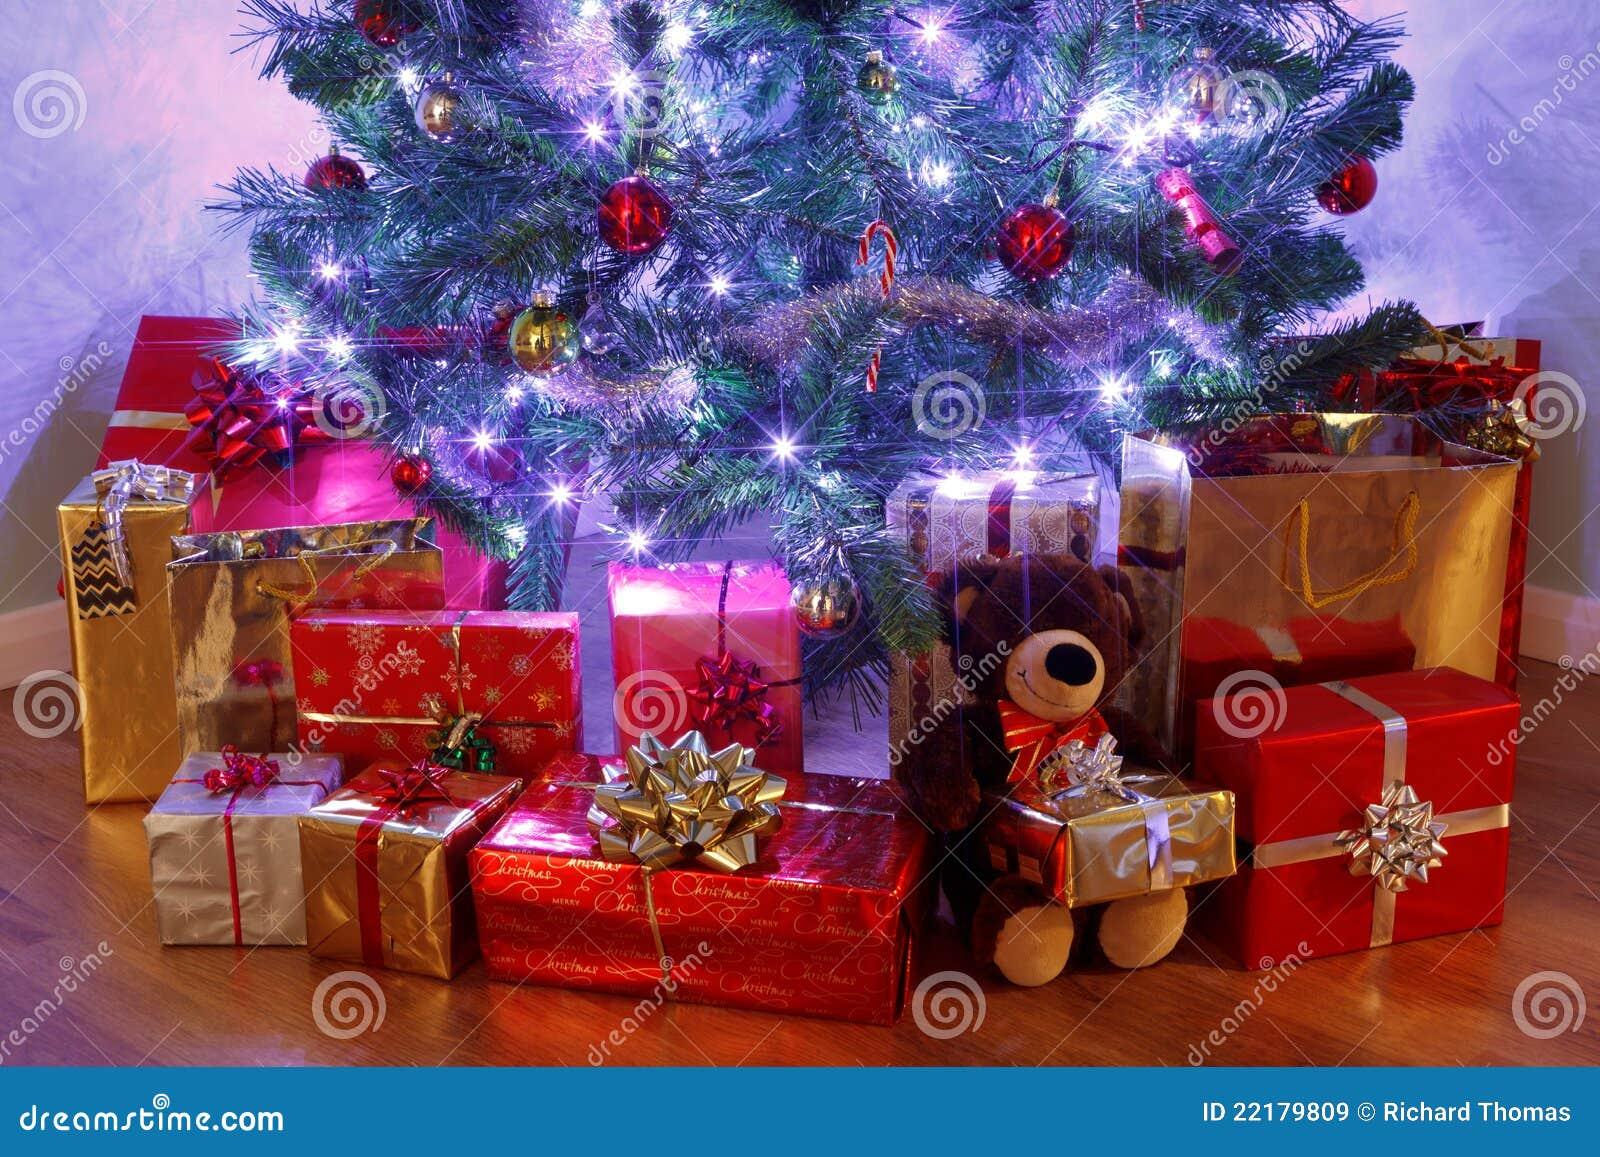 Το χριστουγεννιάτικο δέντρο και παρουσιάζει